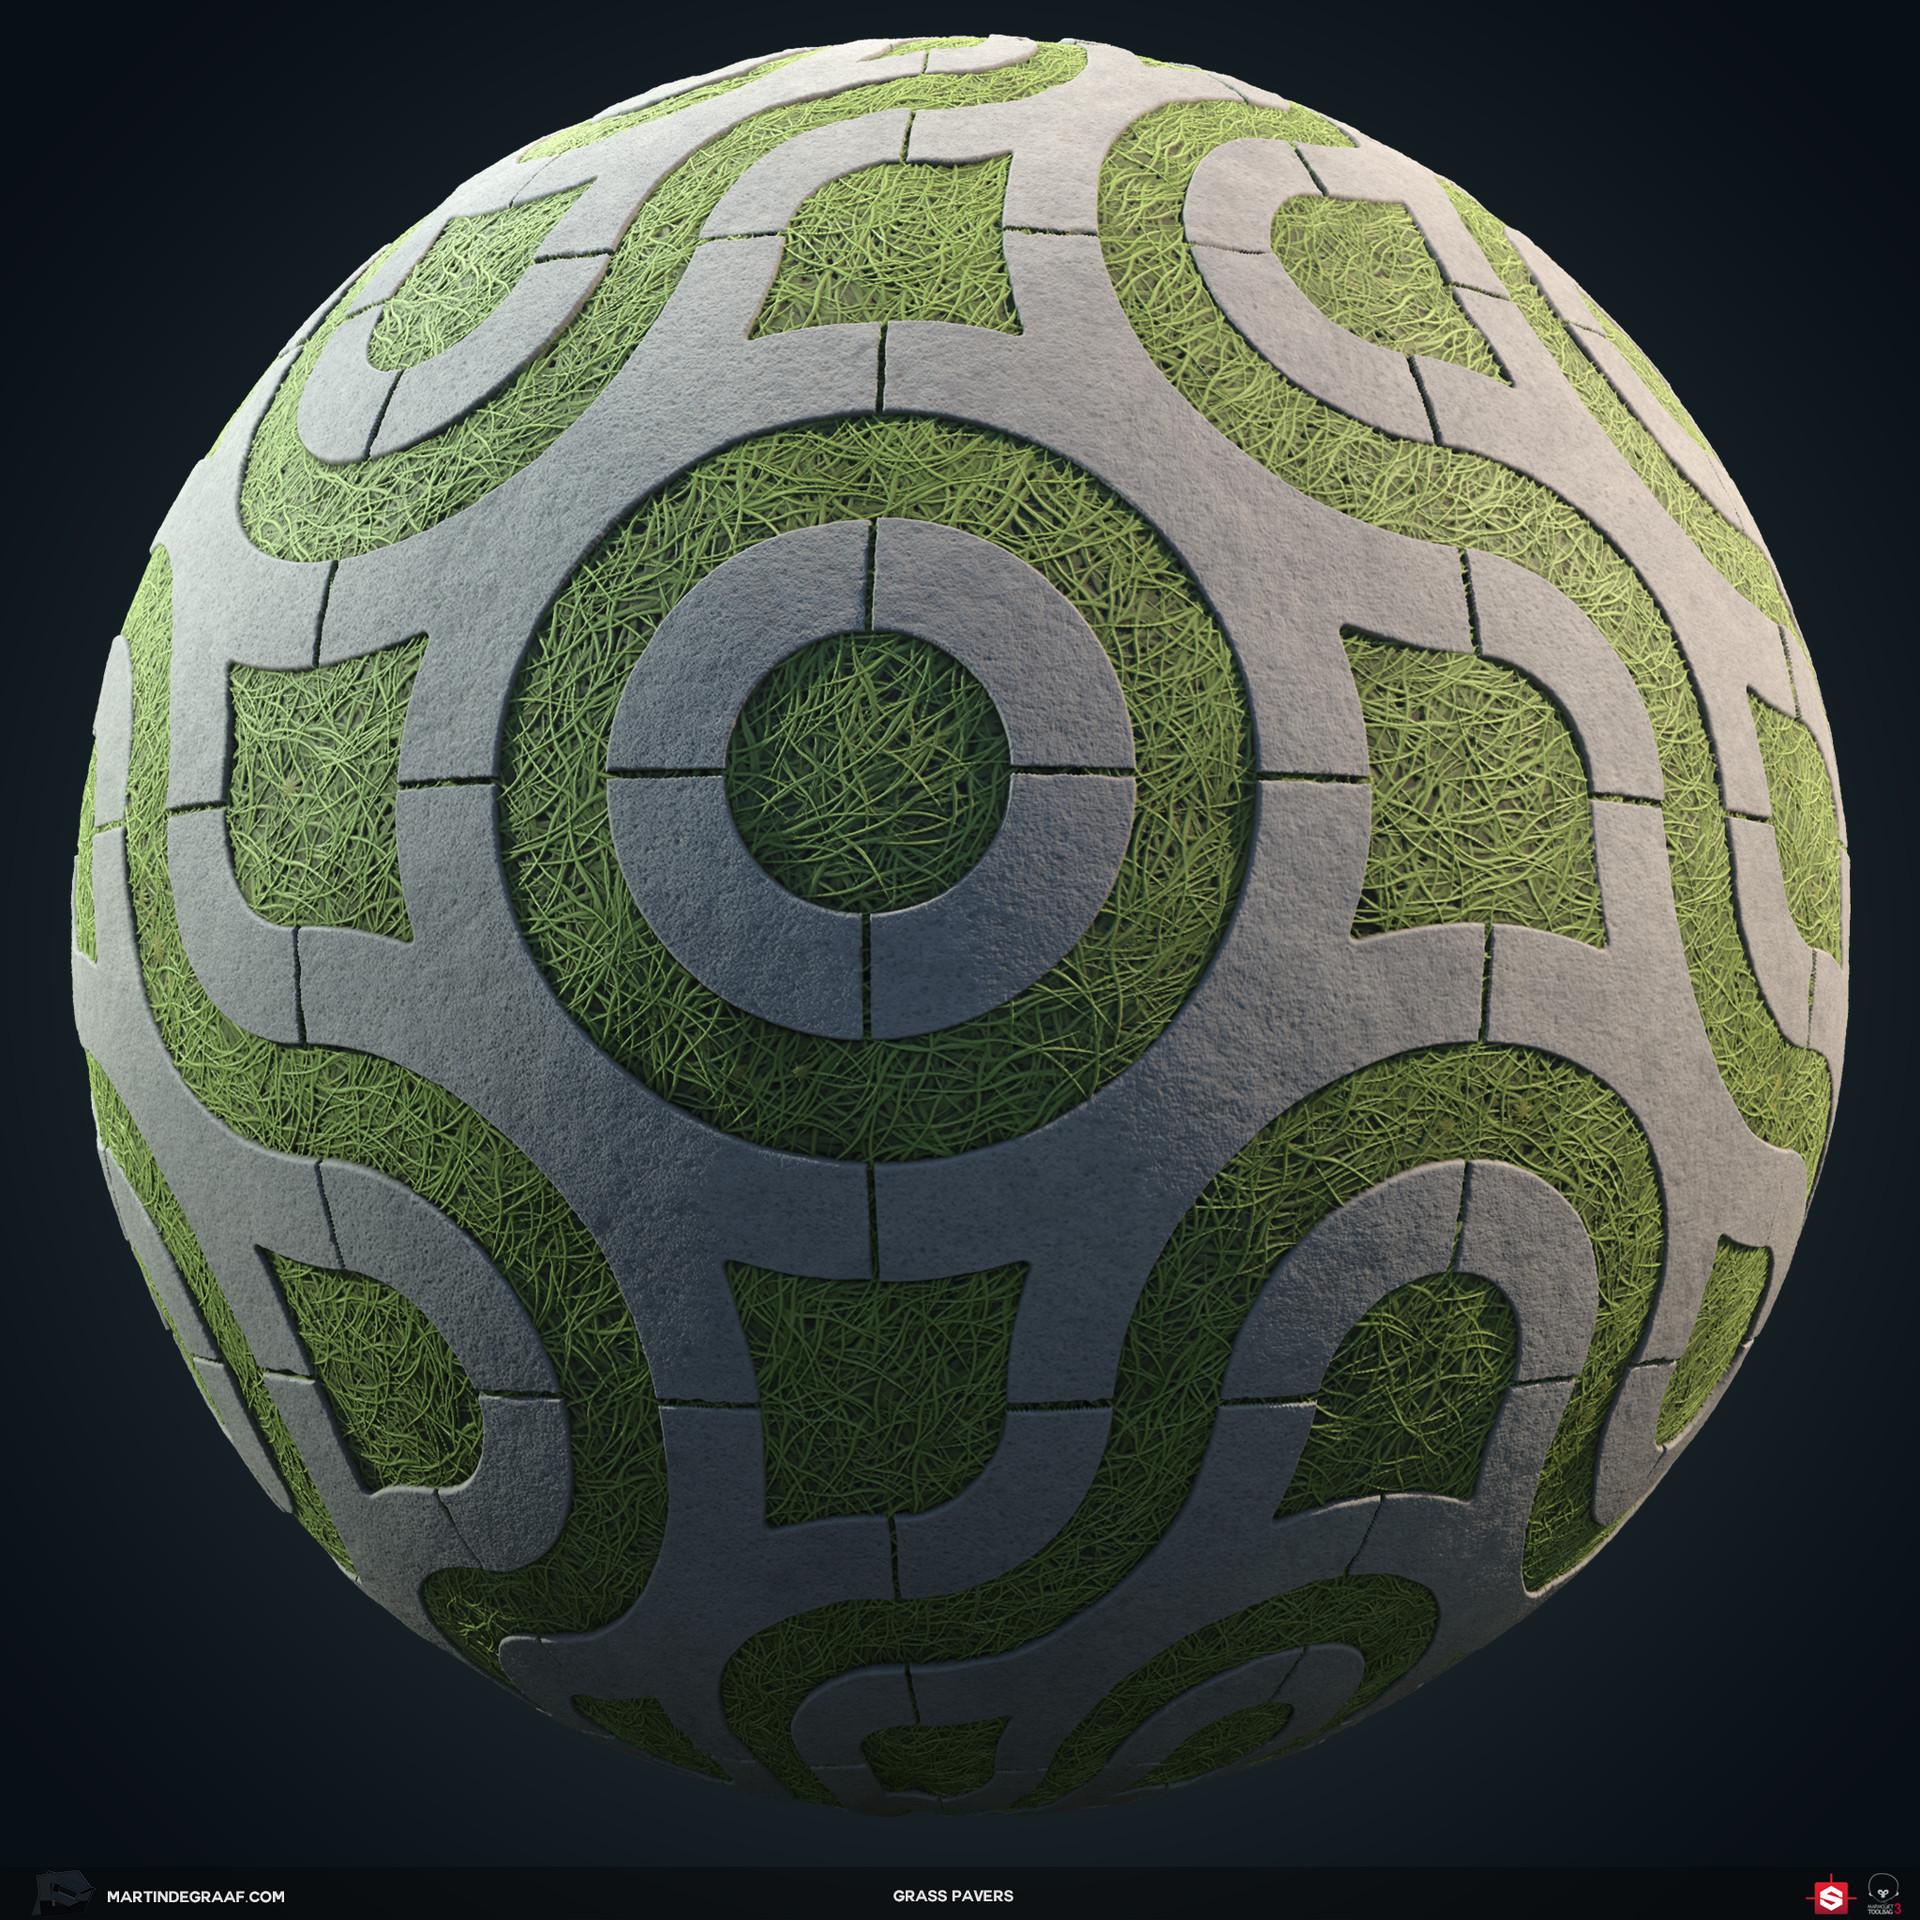 Martin de graaf grass pavers substance sphere martin de graaf 2018